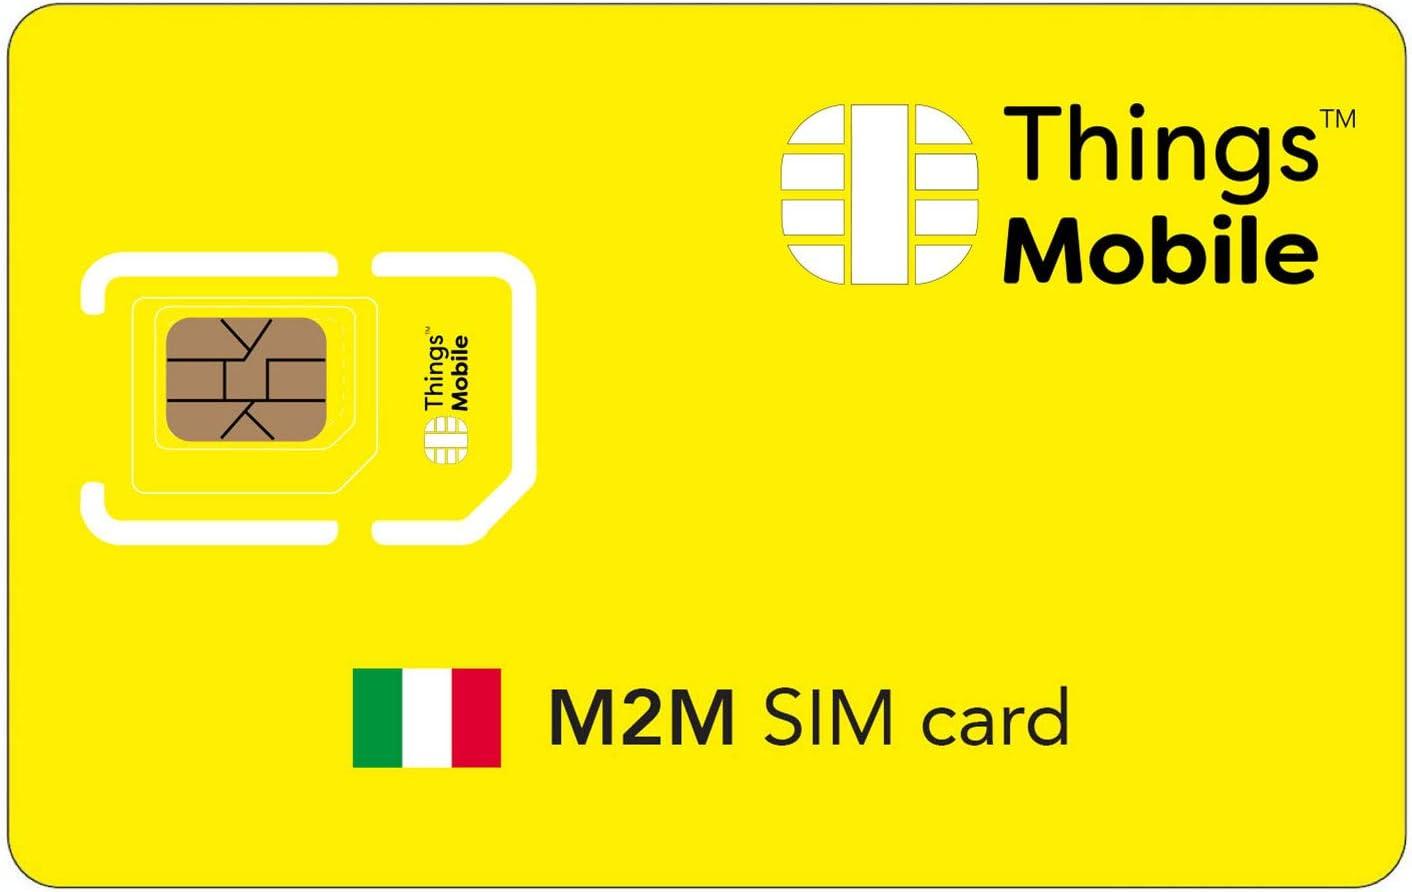 Tarjeta SIM M2M ITALIA - Things Mobile - con cobertura global y red multioperador GSM/2G/3G/4G LTE, sin costes fijos, sin vencimiento y con tarifas competitivas, con 10 € de crédito incluido